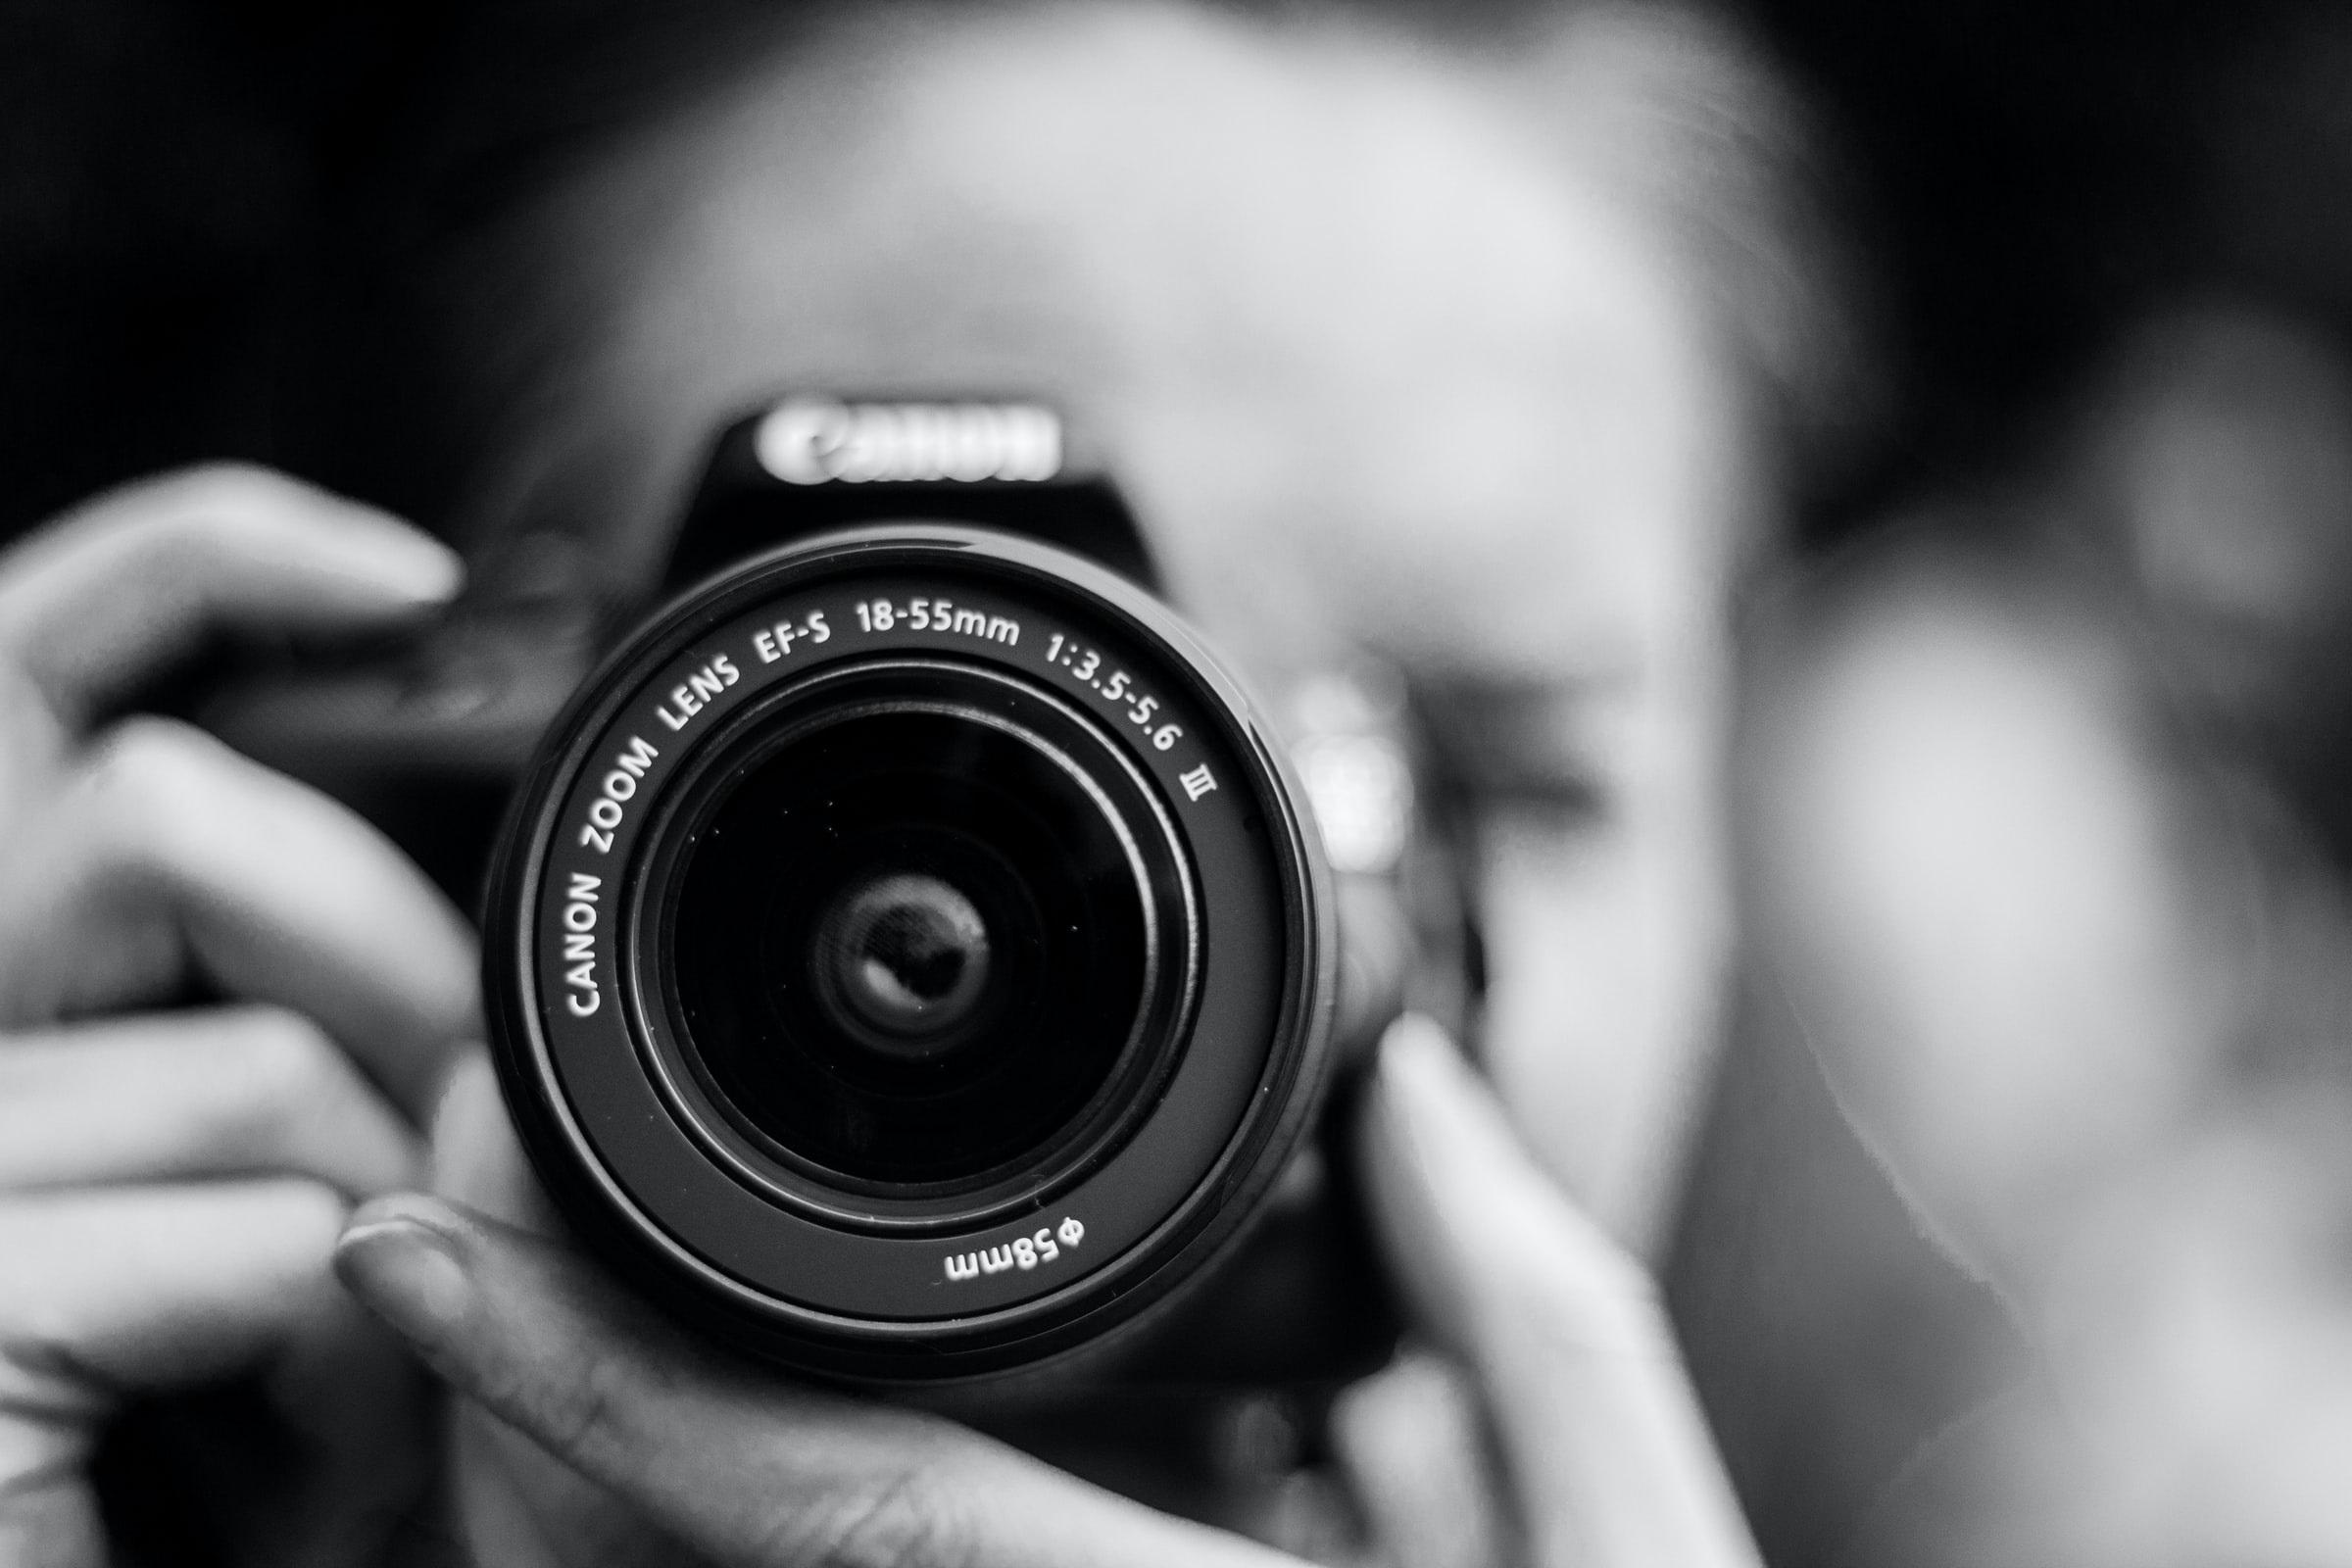 Les photographes amateurs et professionnels sont invités à soumettre leurs clichés au concours de photographies de la Ville de Mont-Joli.